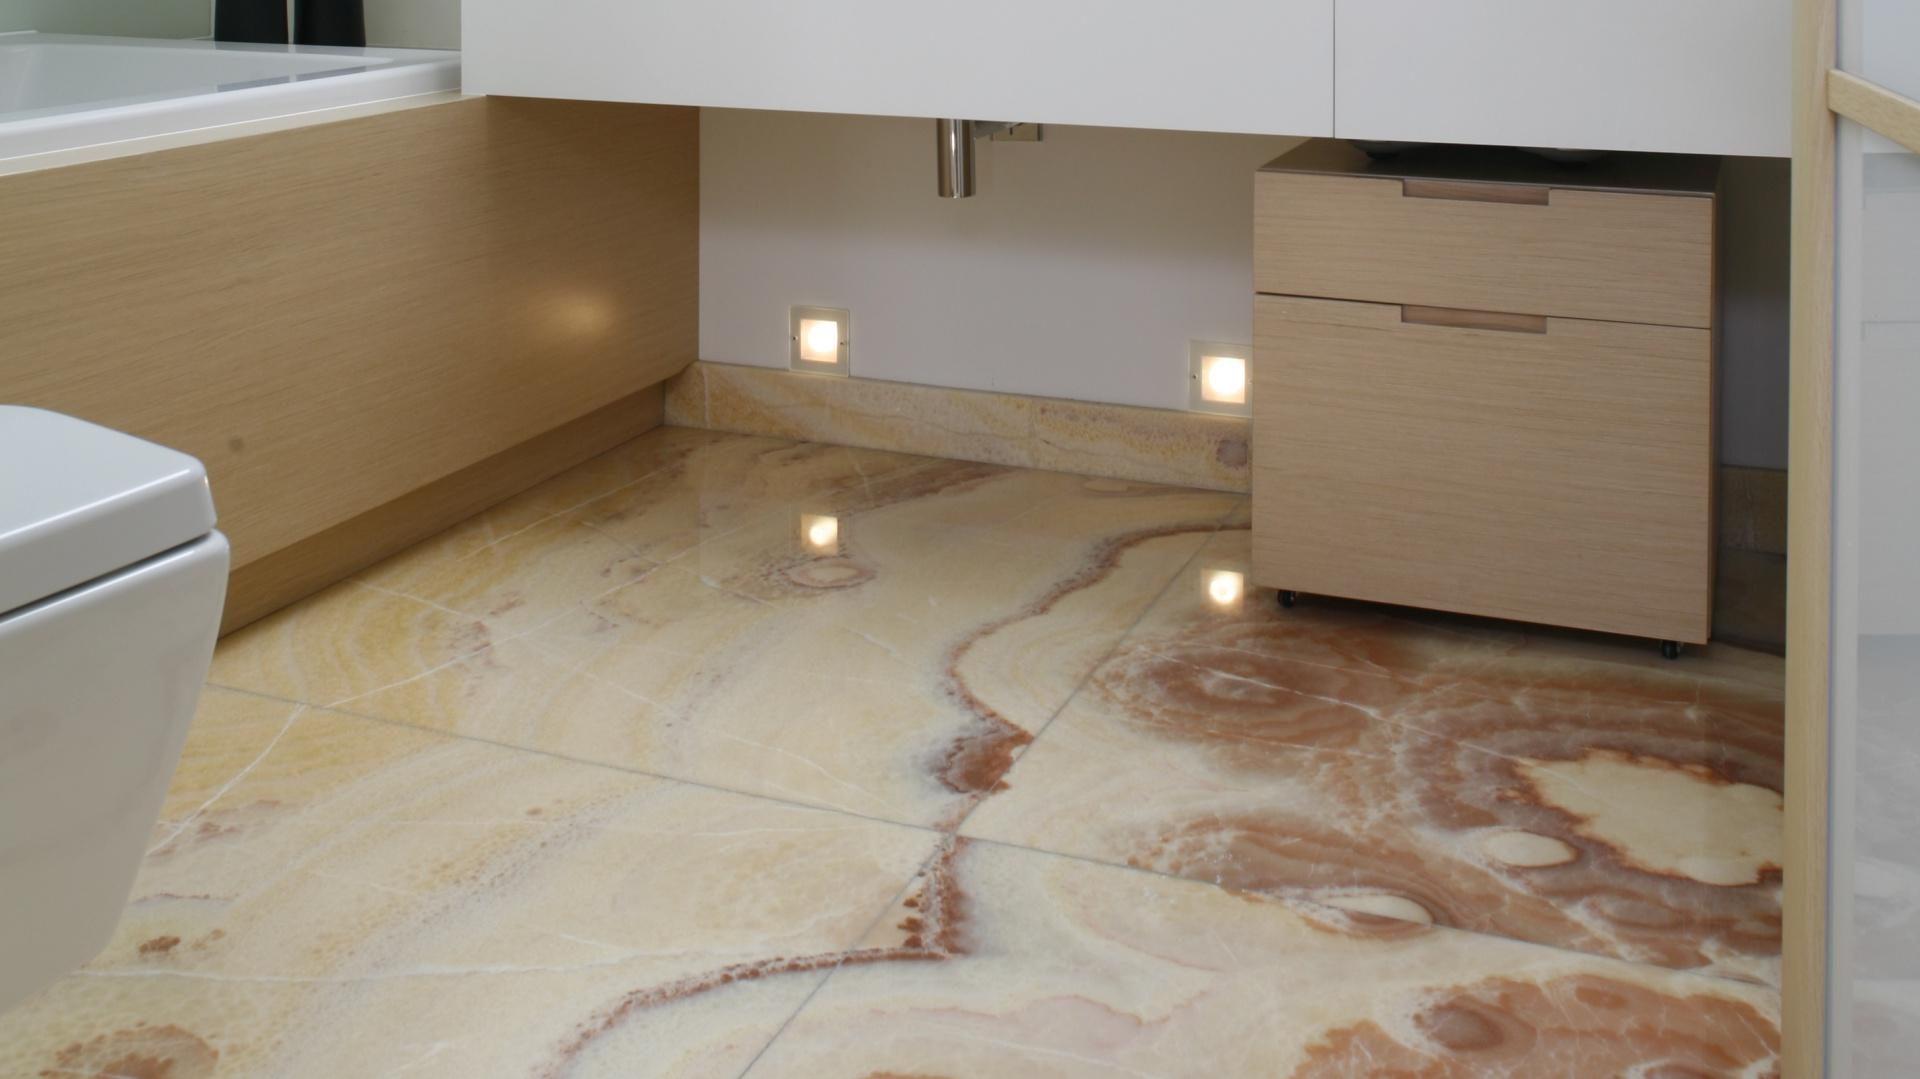 łazienka Na Poddaszu Polecamy Wnętrze Z Kamieniem Na Podłodze